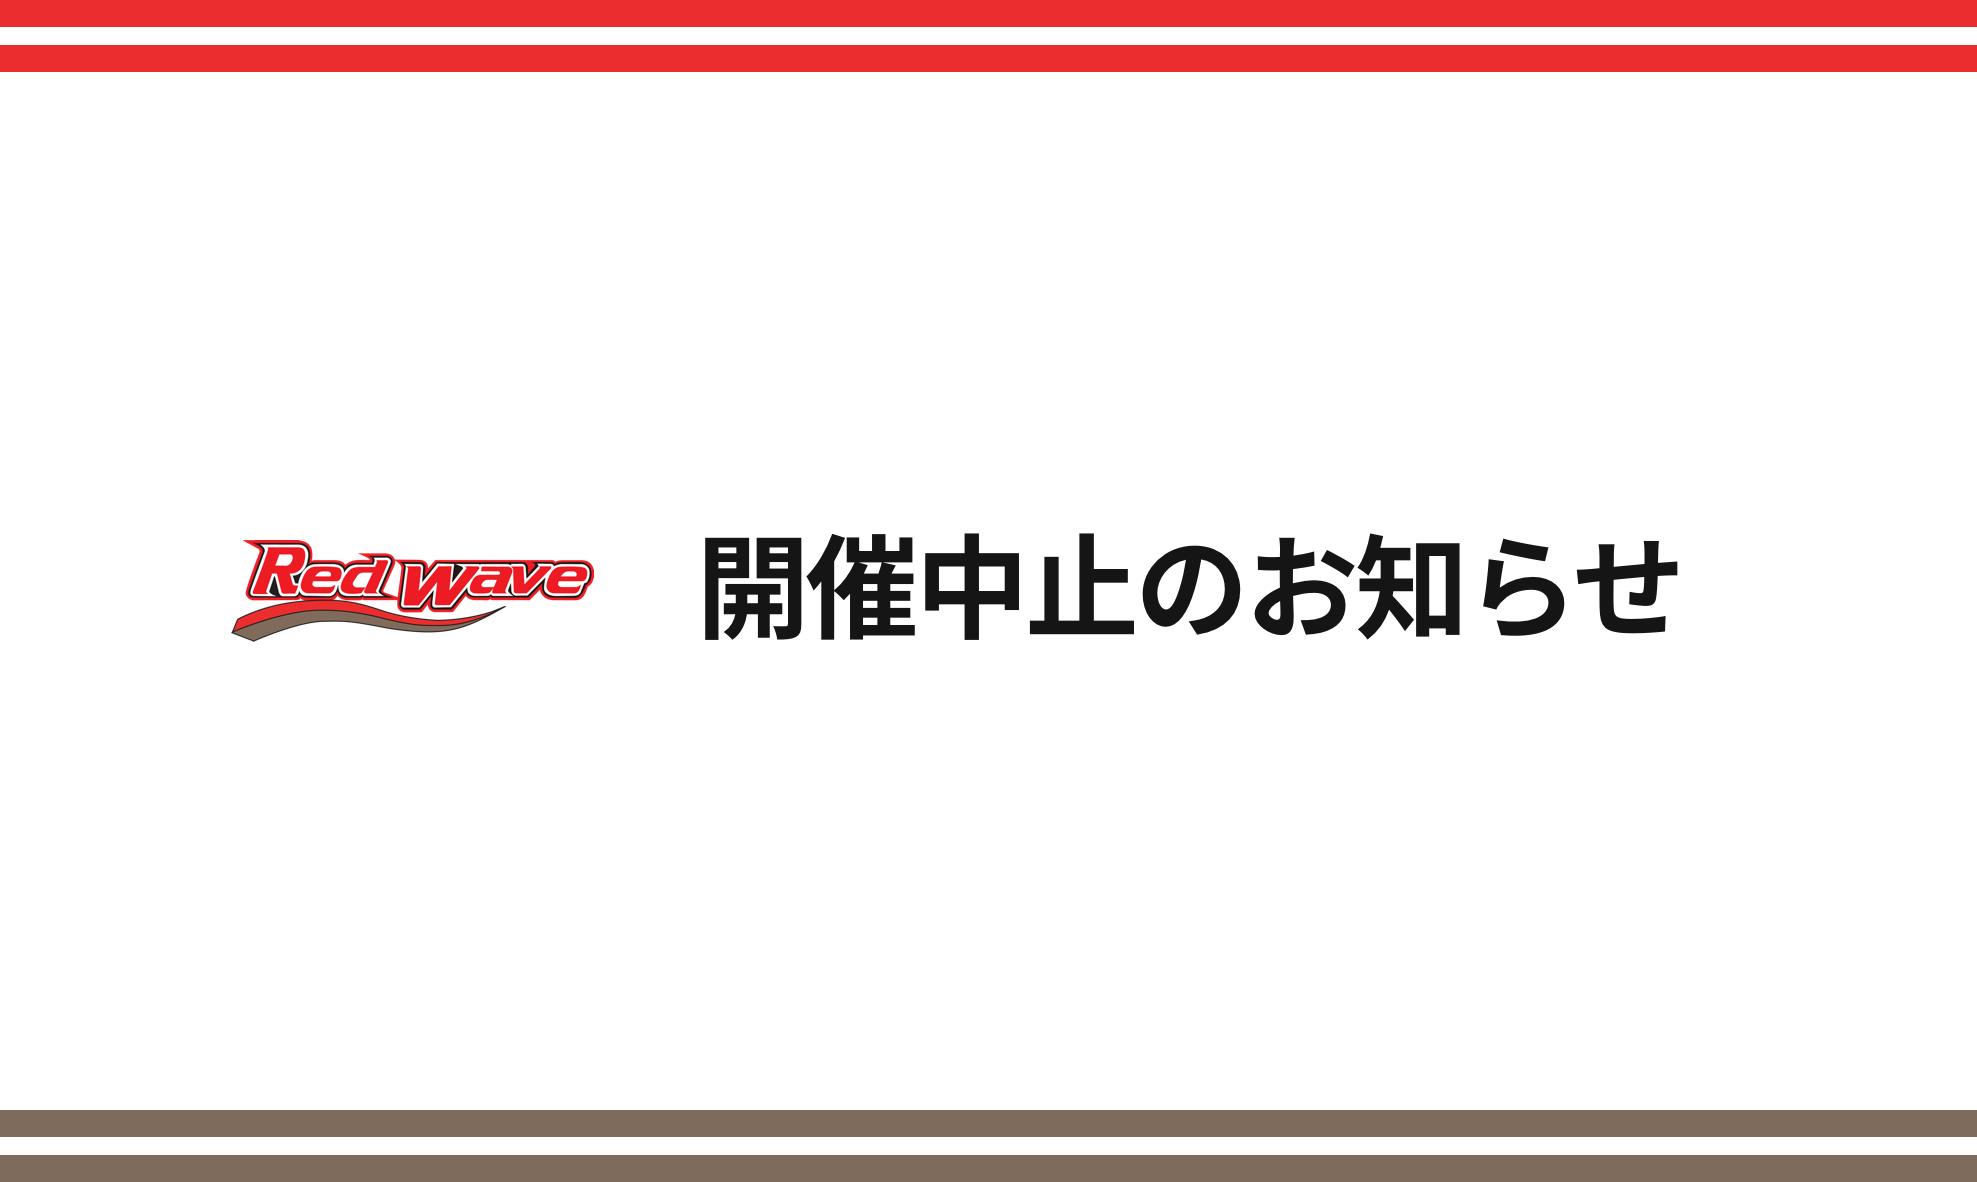 【重要】Wリーグ オータムカップ2020 in 高崎 開催中止のお知らせ